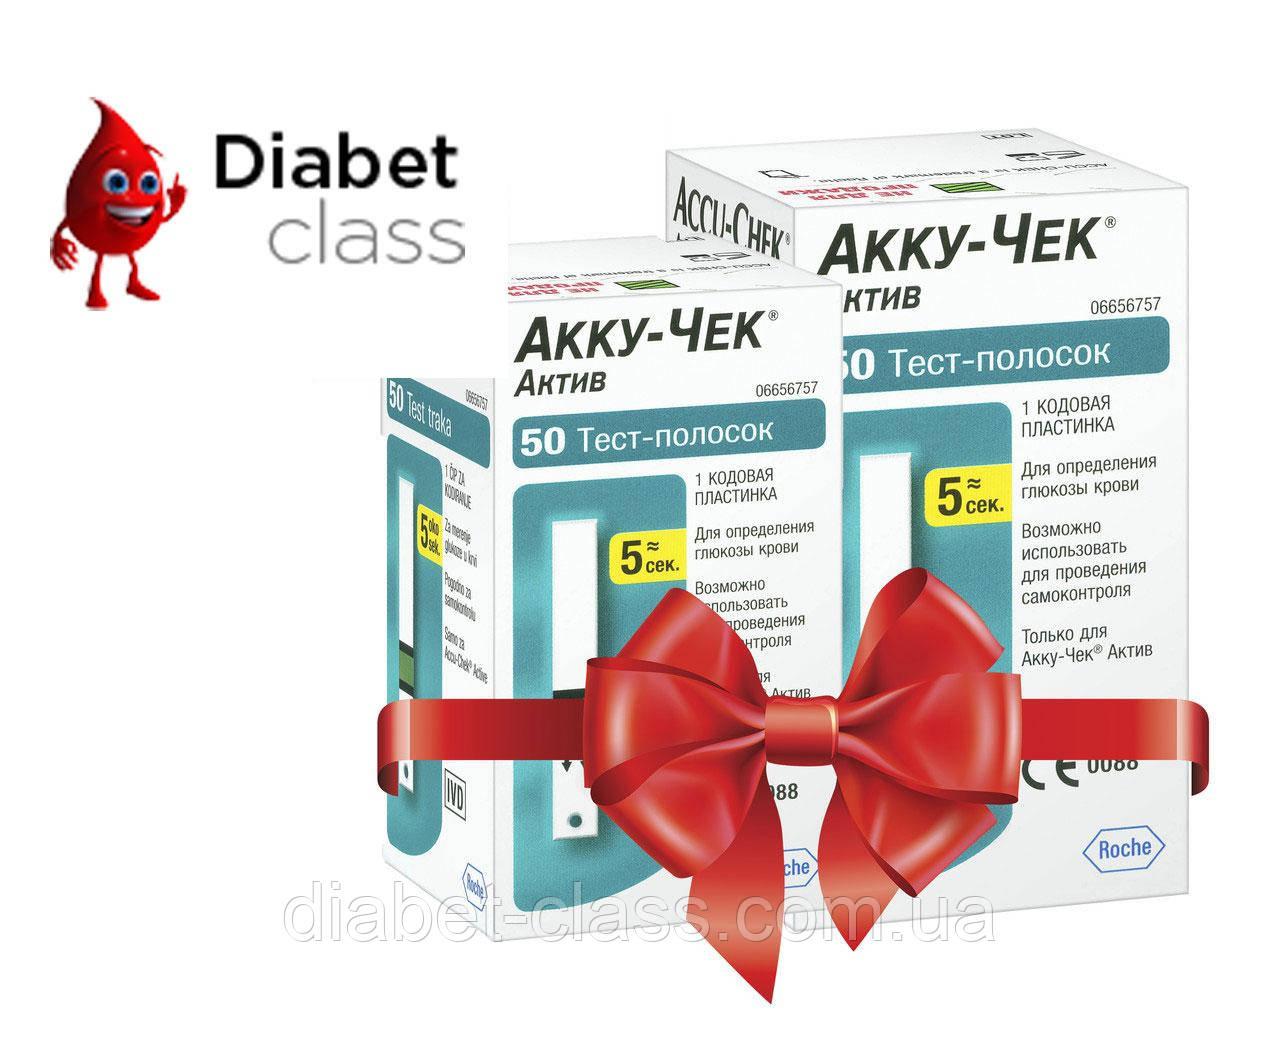 Тест-полоски Акку-Чек Актив 50 штук (Accu-Chek Active) 2 упаковки